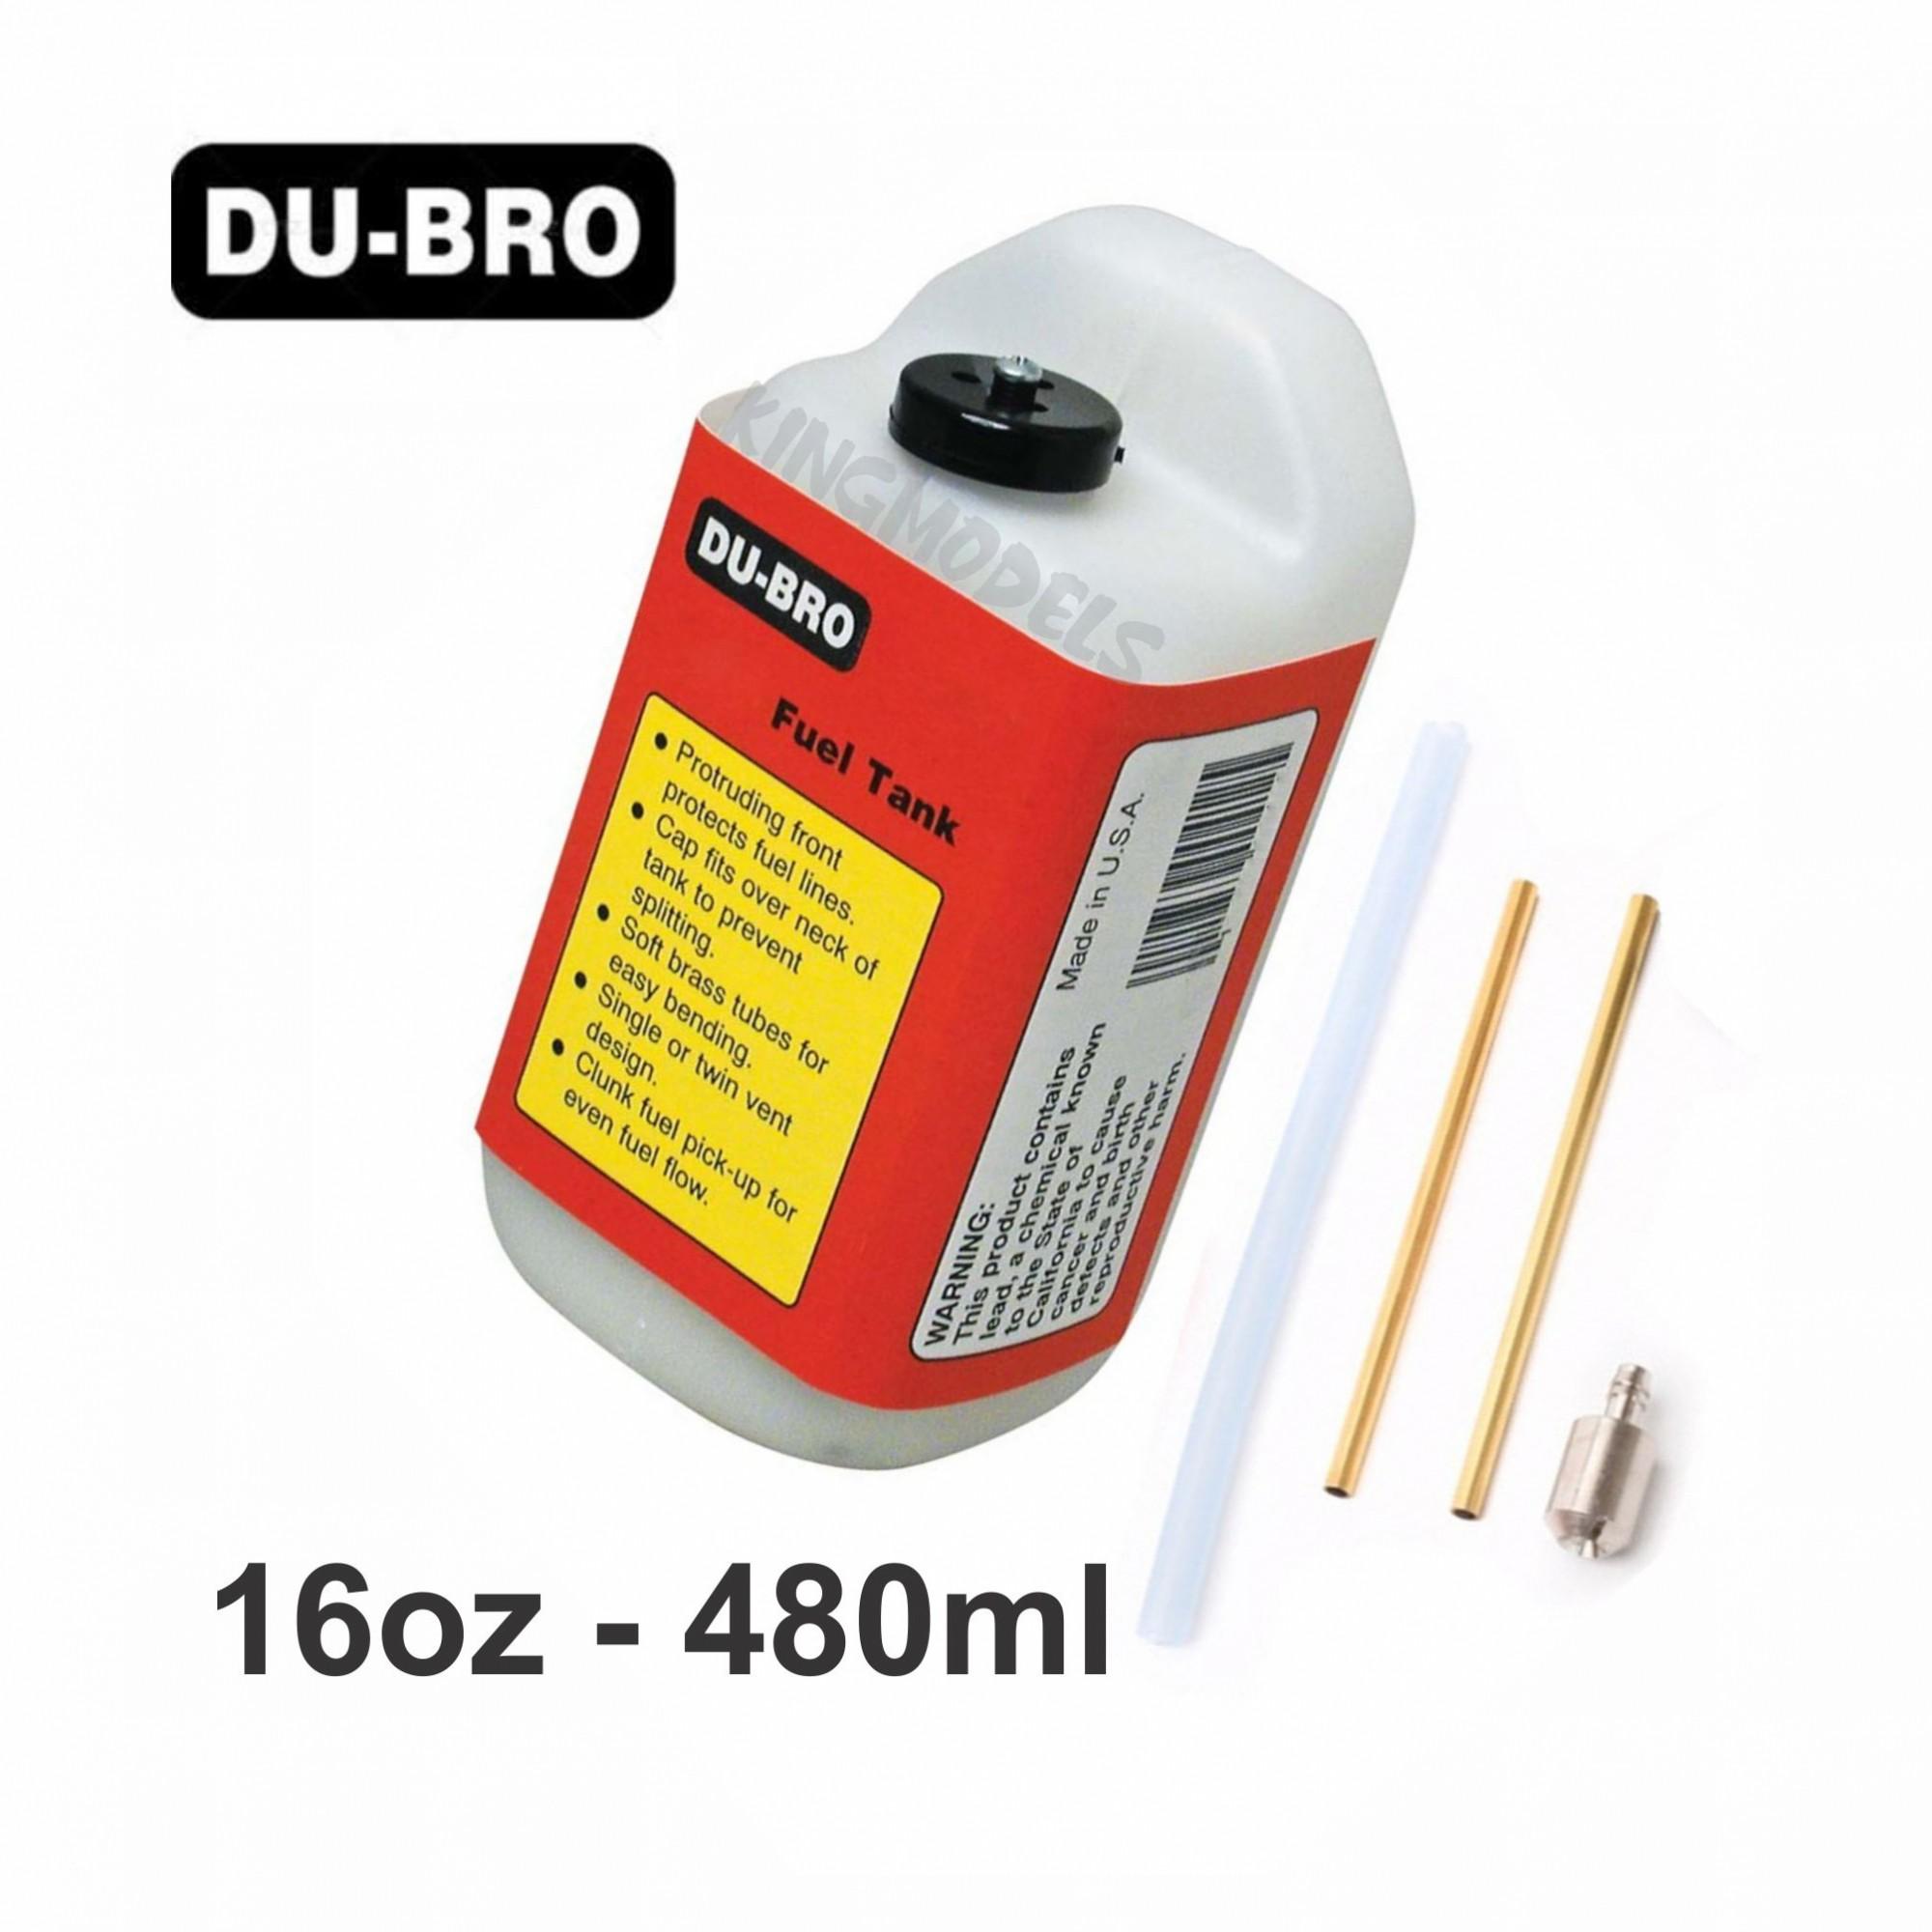 Tanque de Combustível Du-Bro Quadrado - 16oz - 480ml  - King Models